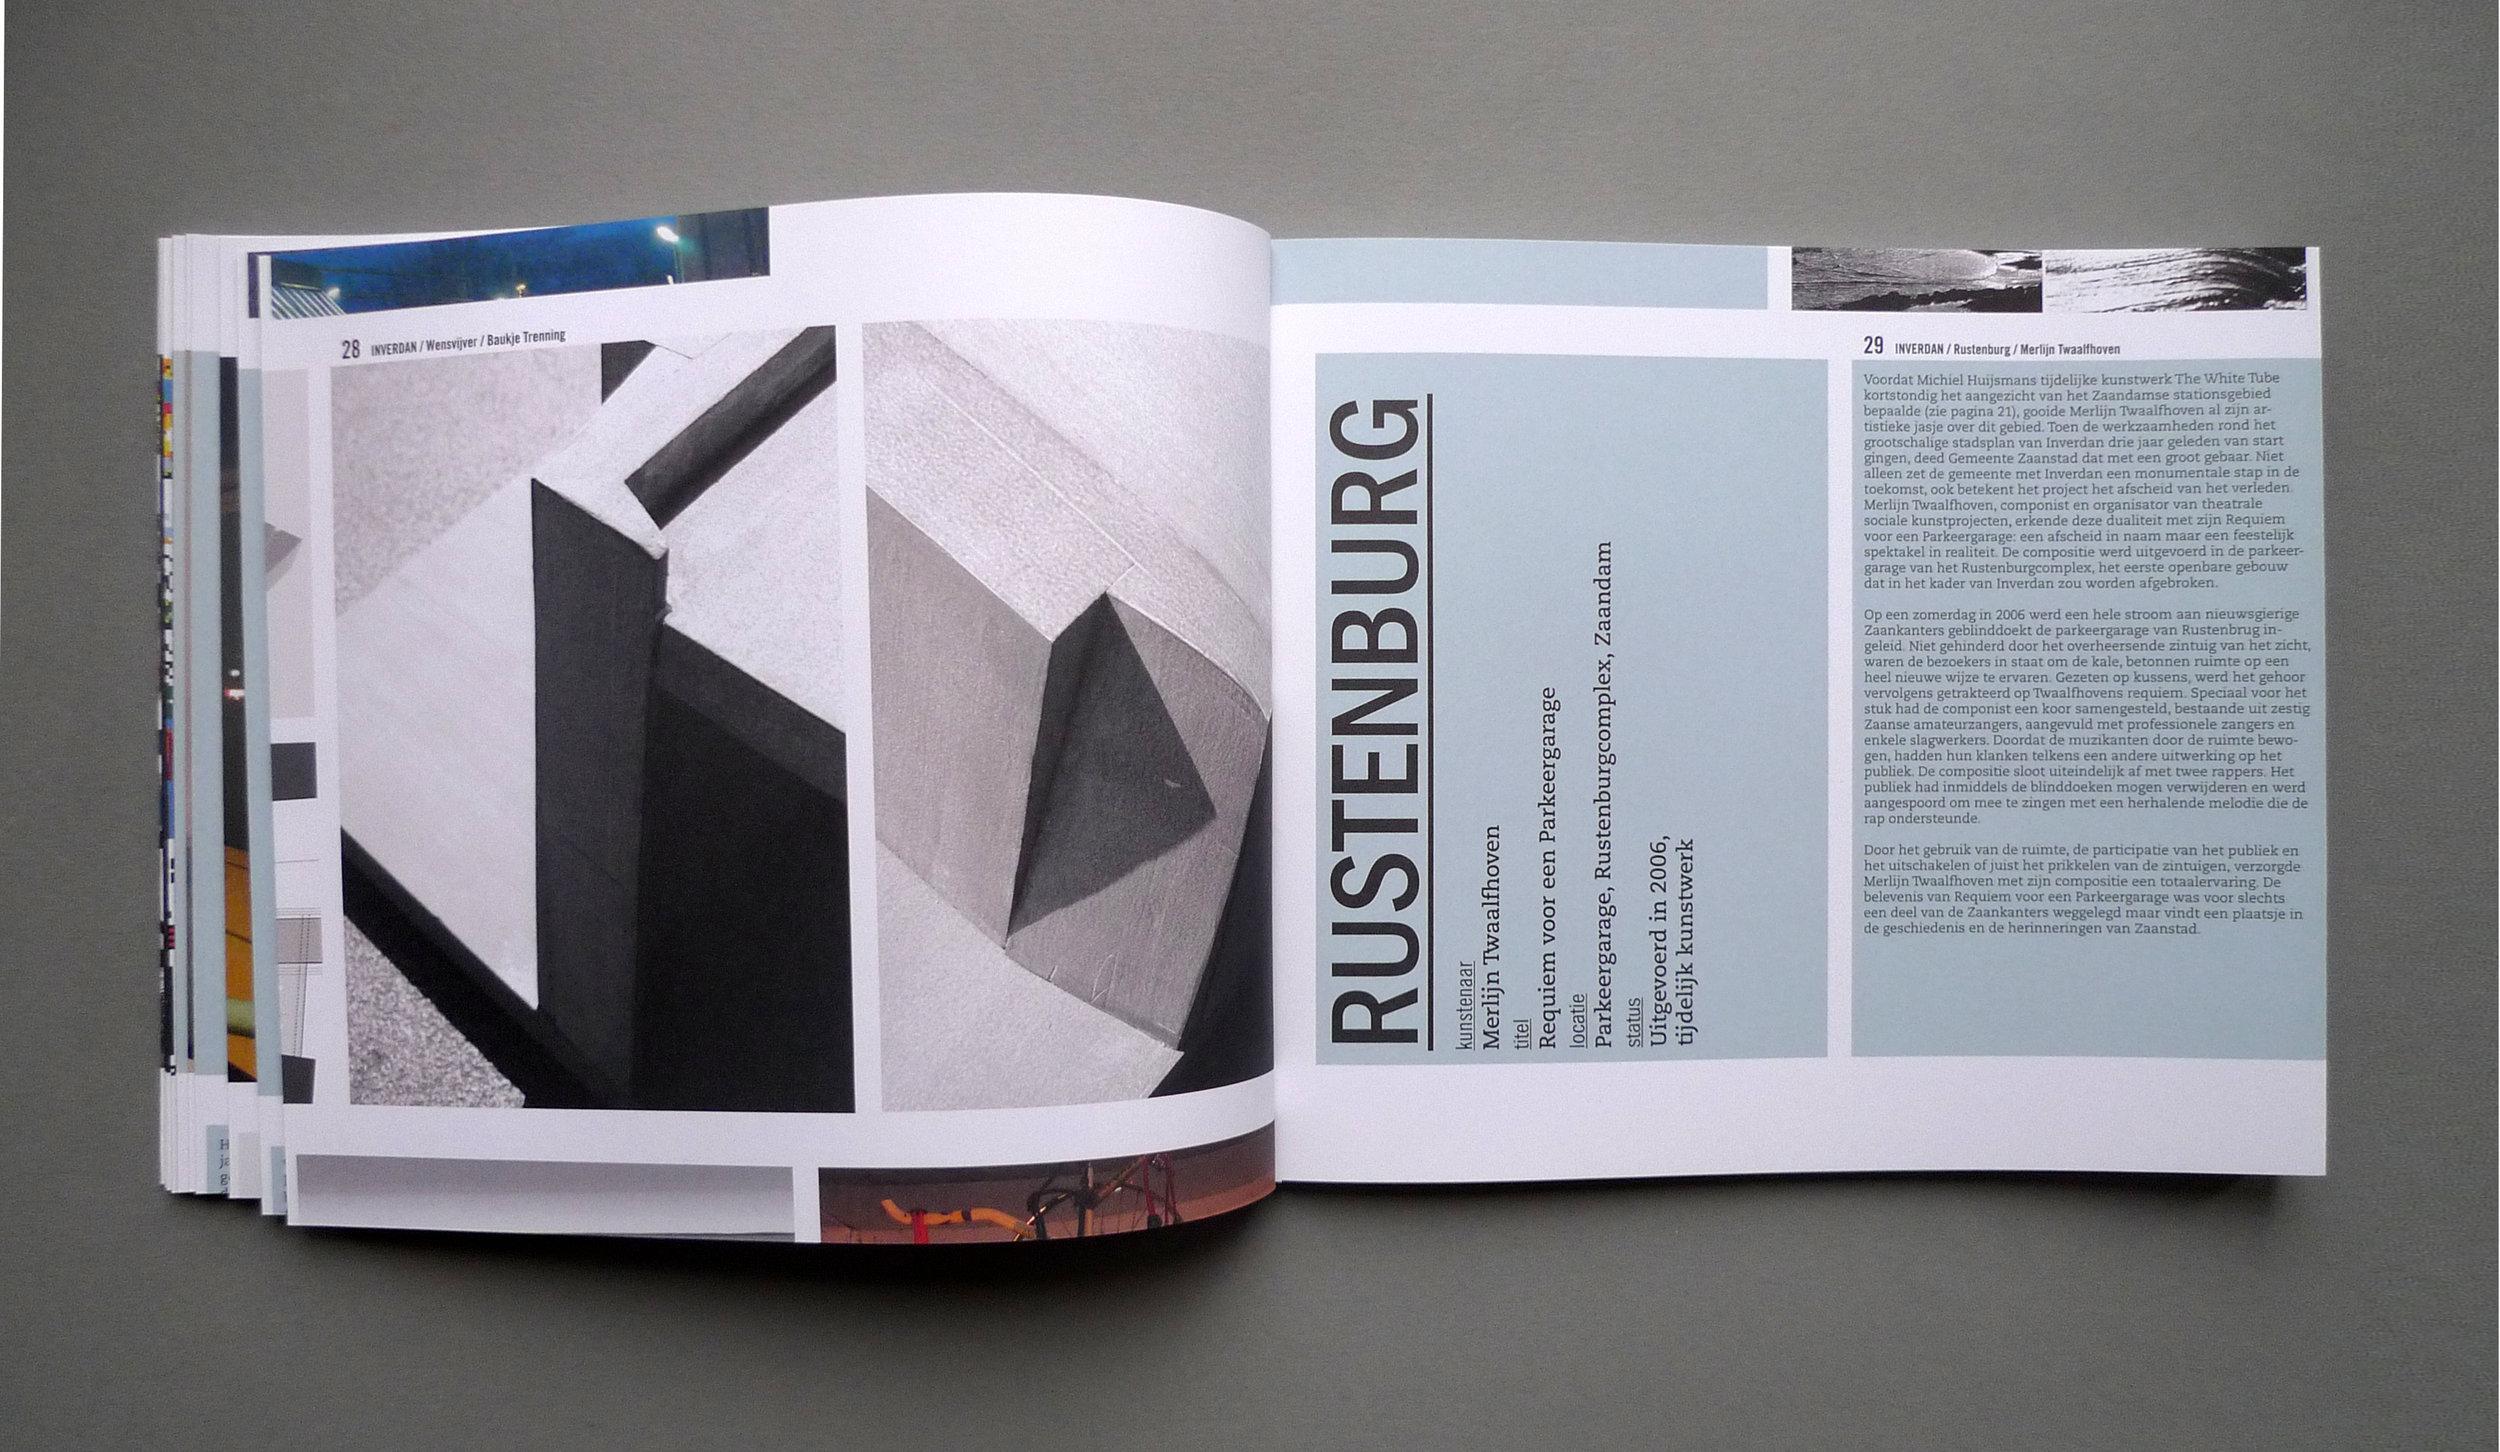 studio_colorado-kunst_zaanstad-06